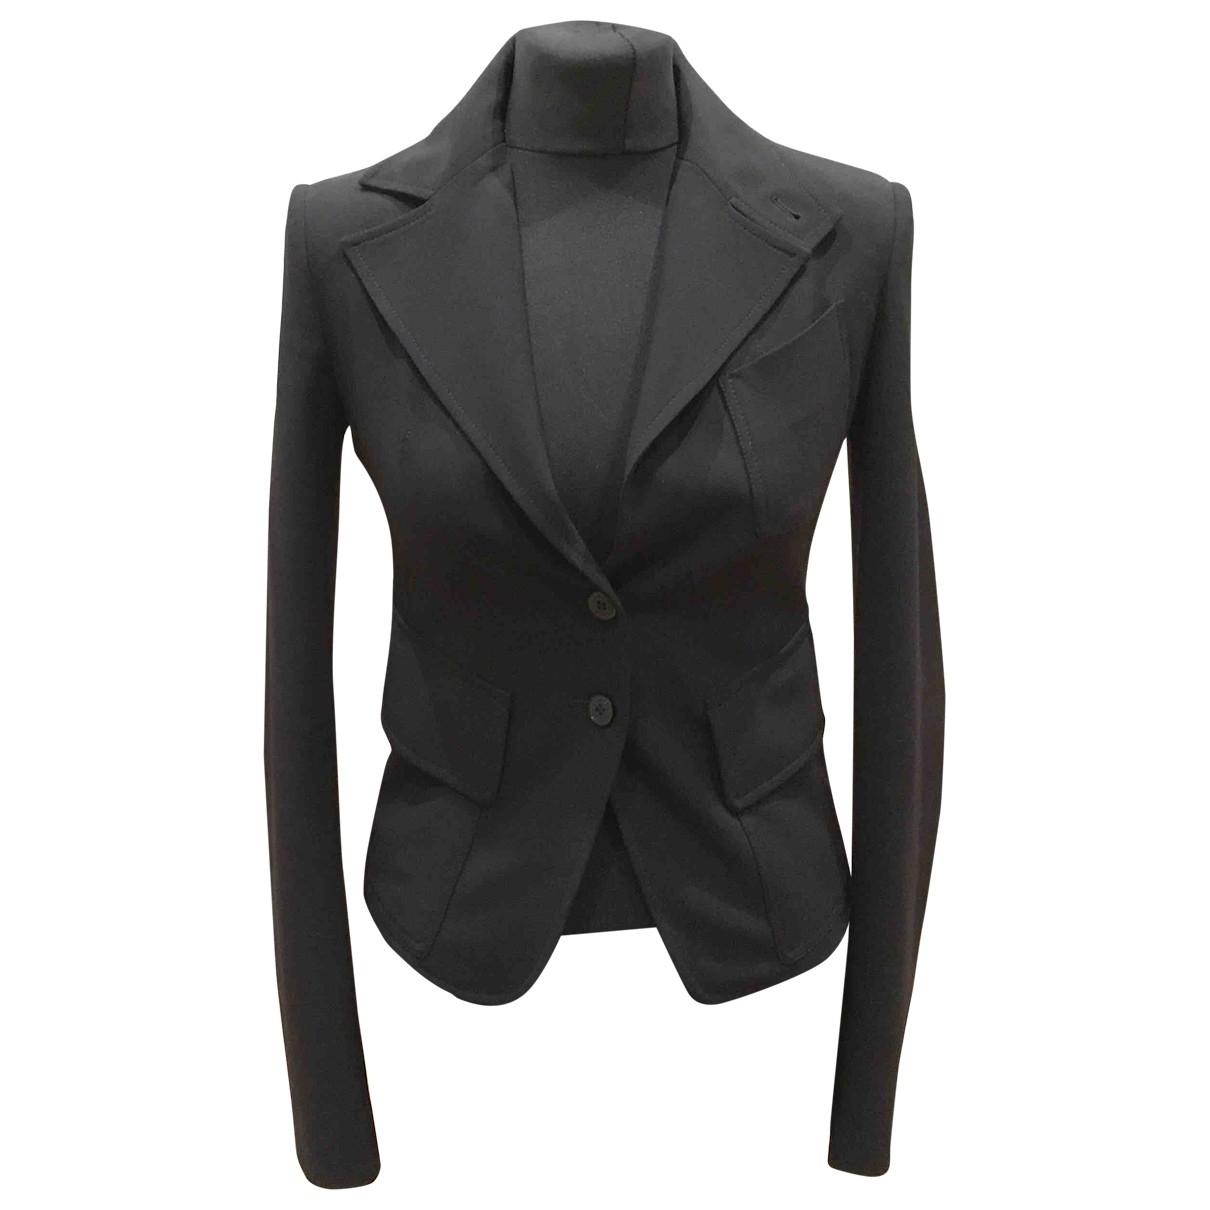 Patrizia Pepe \N Black Wool jacket for Women 40 IT